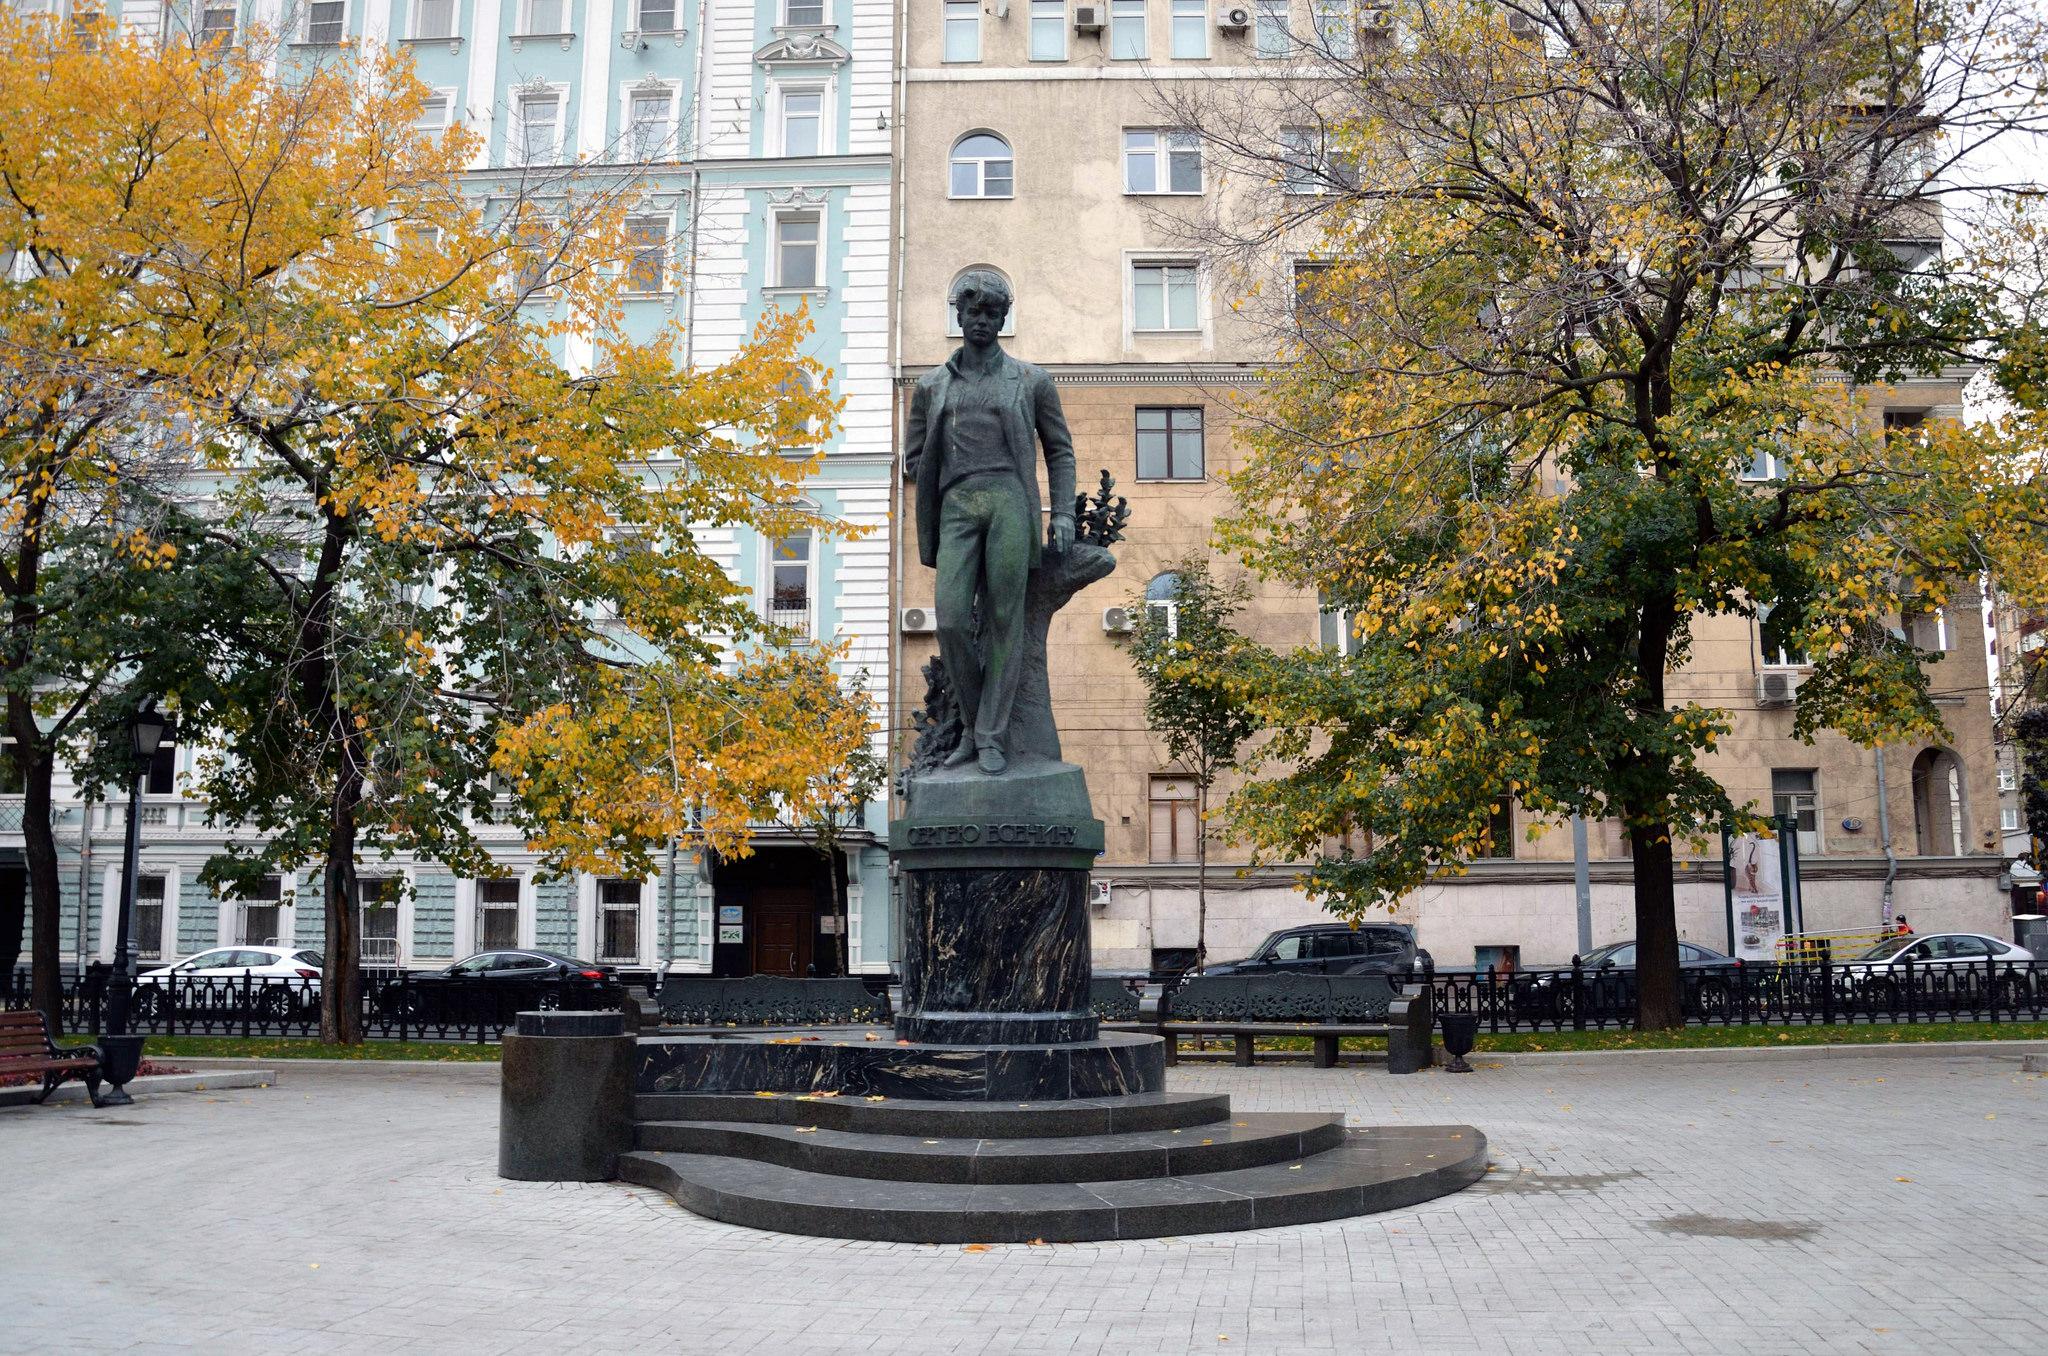 Купить памятник красноярск toКузьминки памятники спб и лен обл